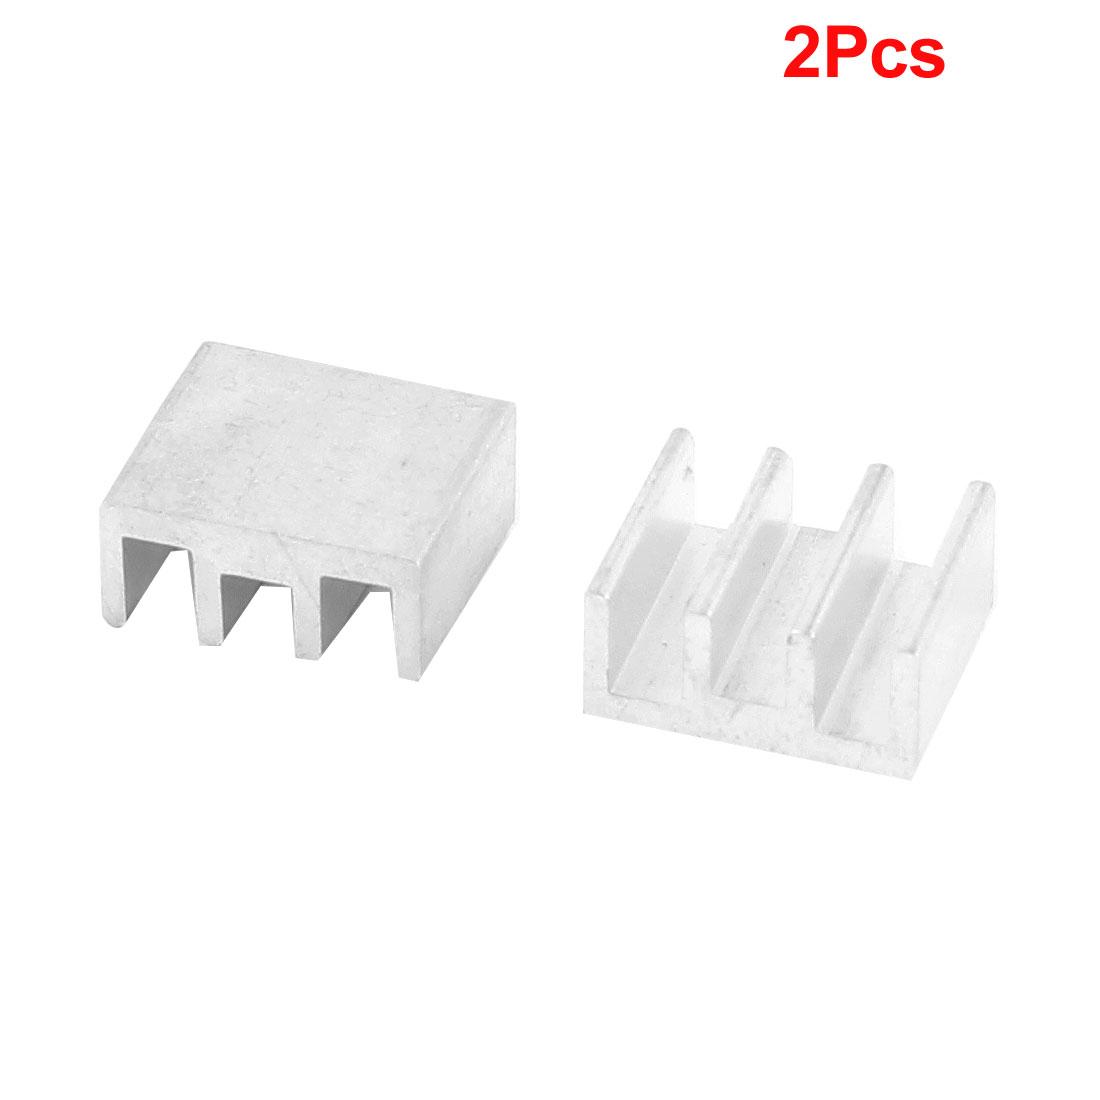 2 Pcs Heat Diffuse Aluminium Heat Sink Cooling Fin 11mm x 10mm x 5mm